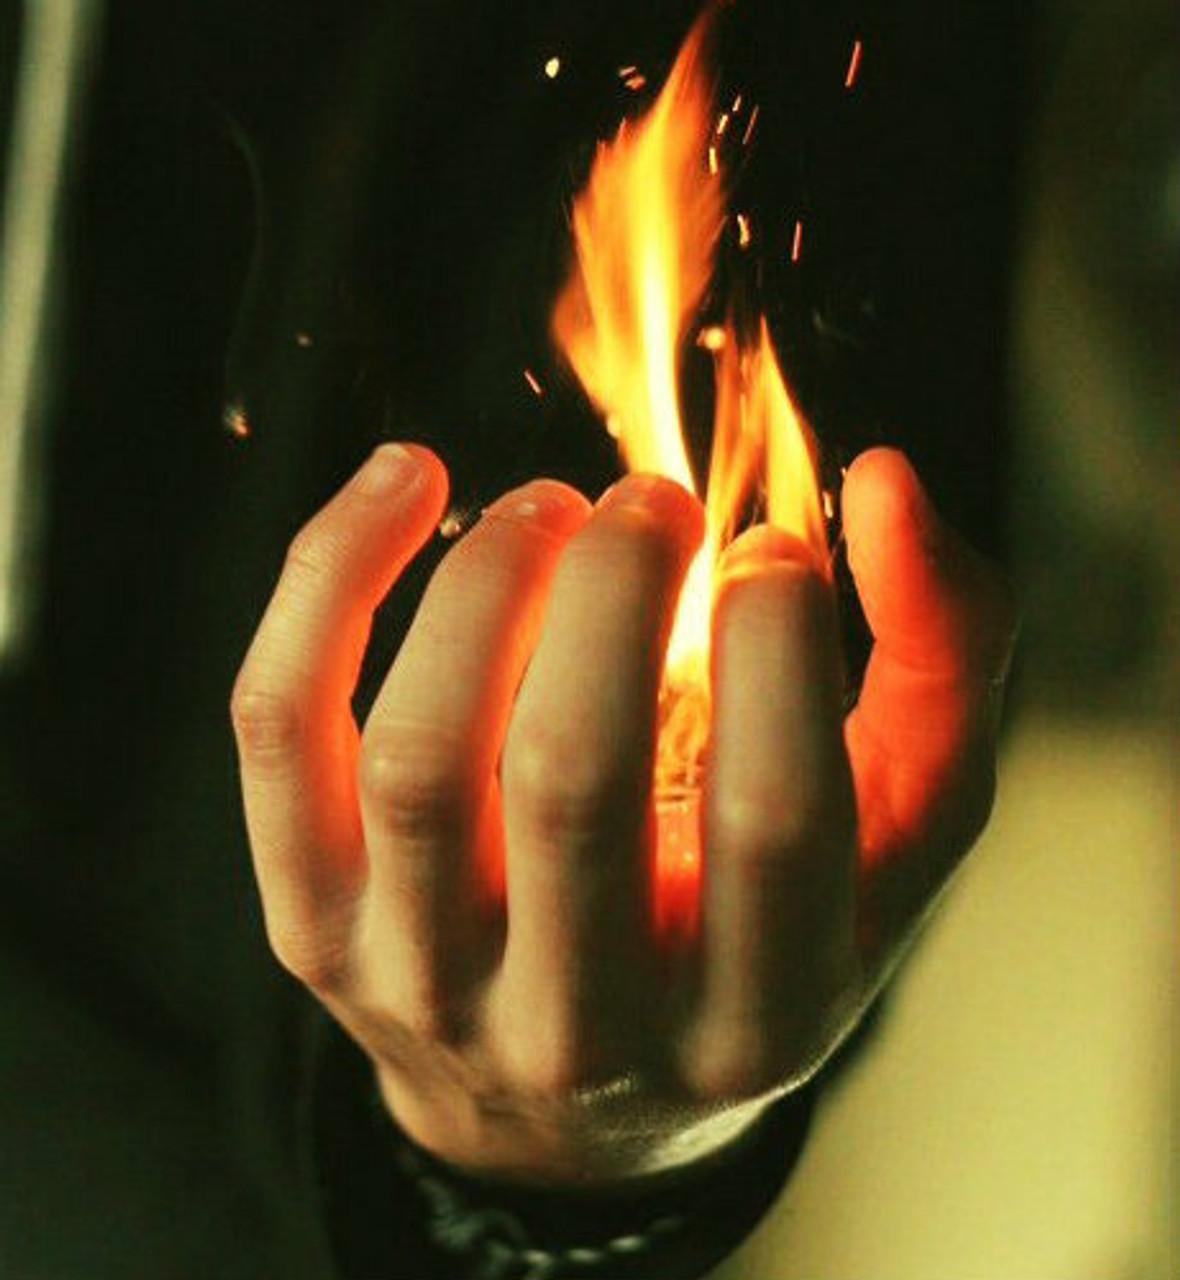 DiFatta Magic - Flames from hand - Magic Trick Gospel